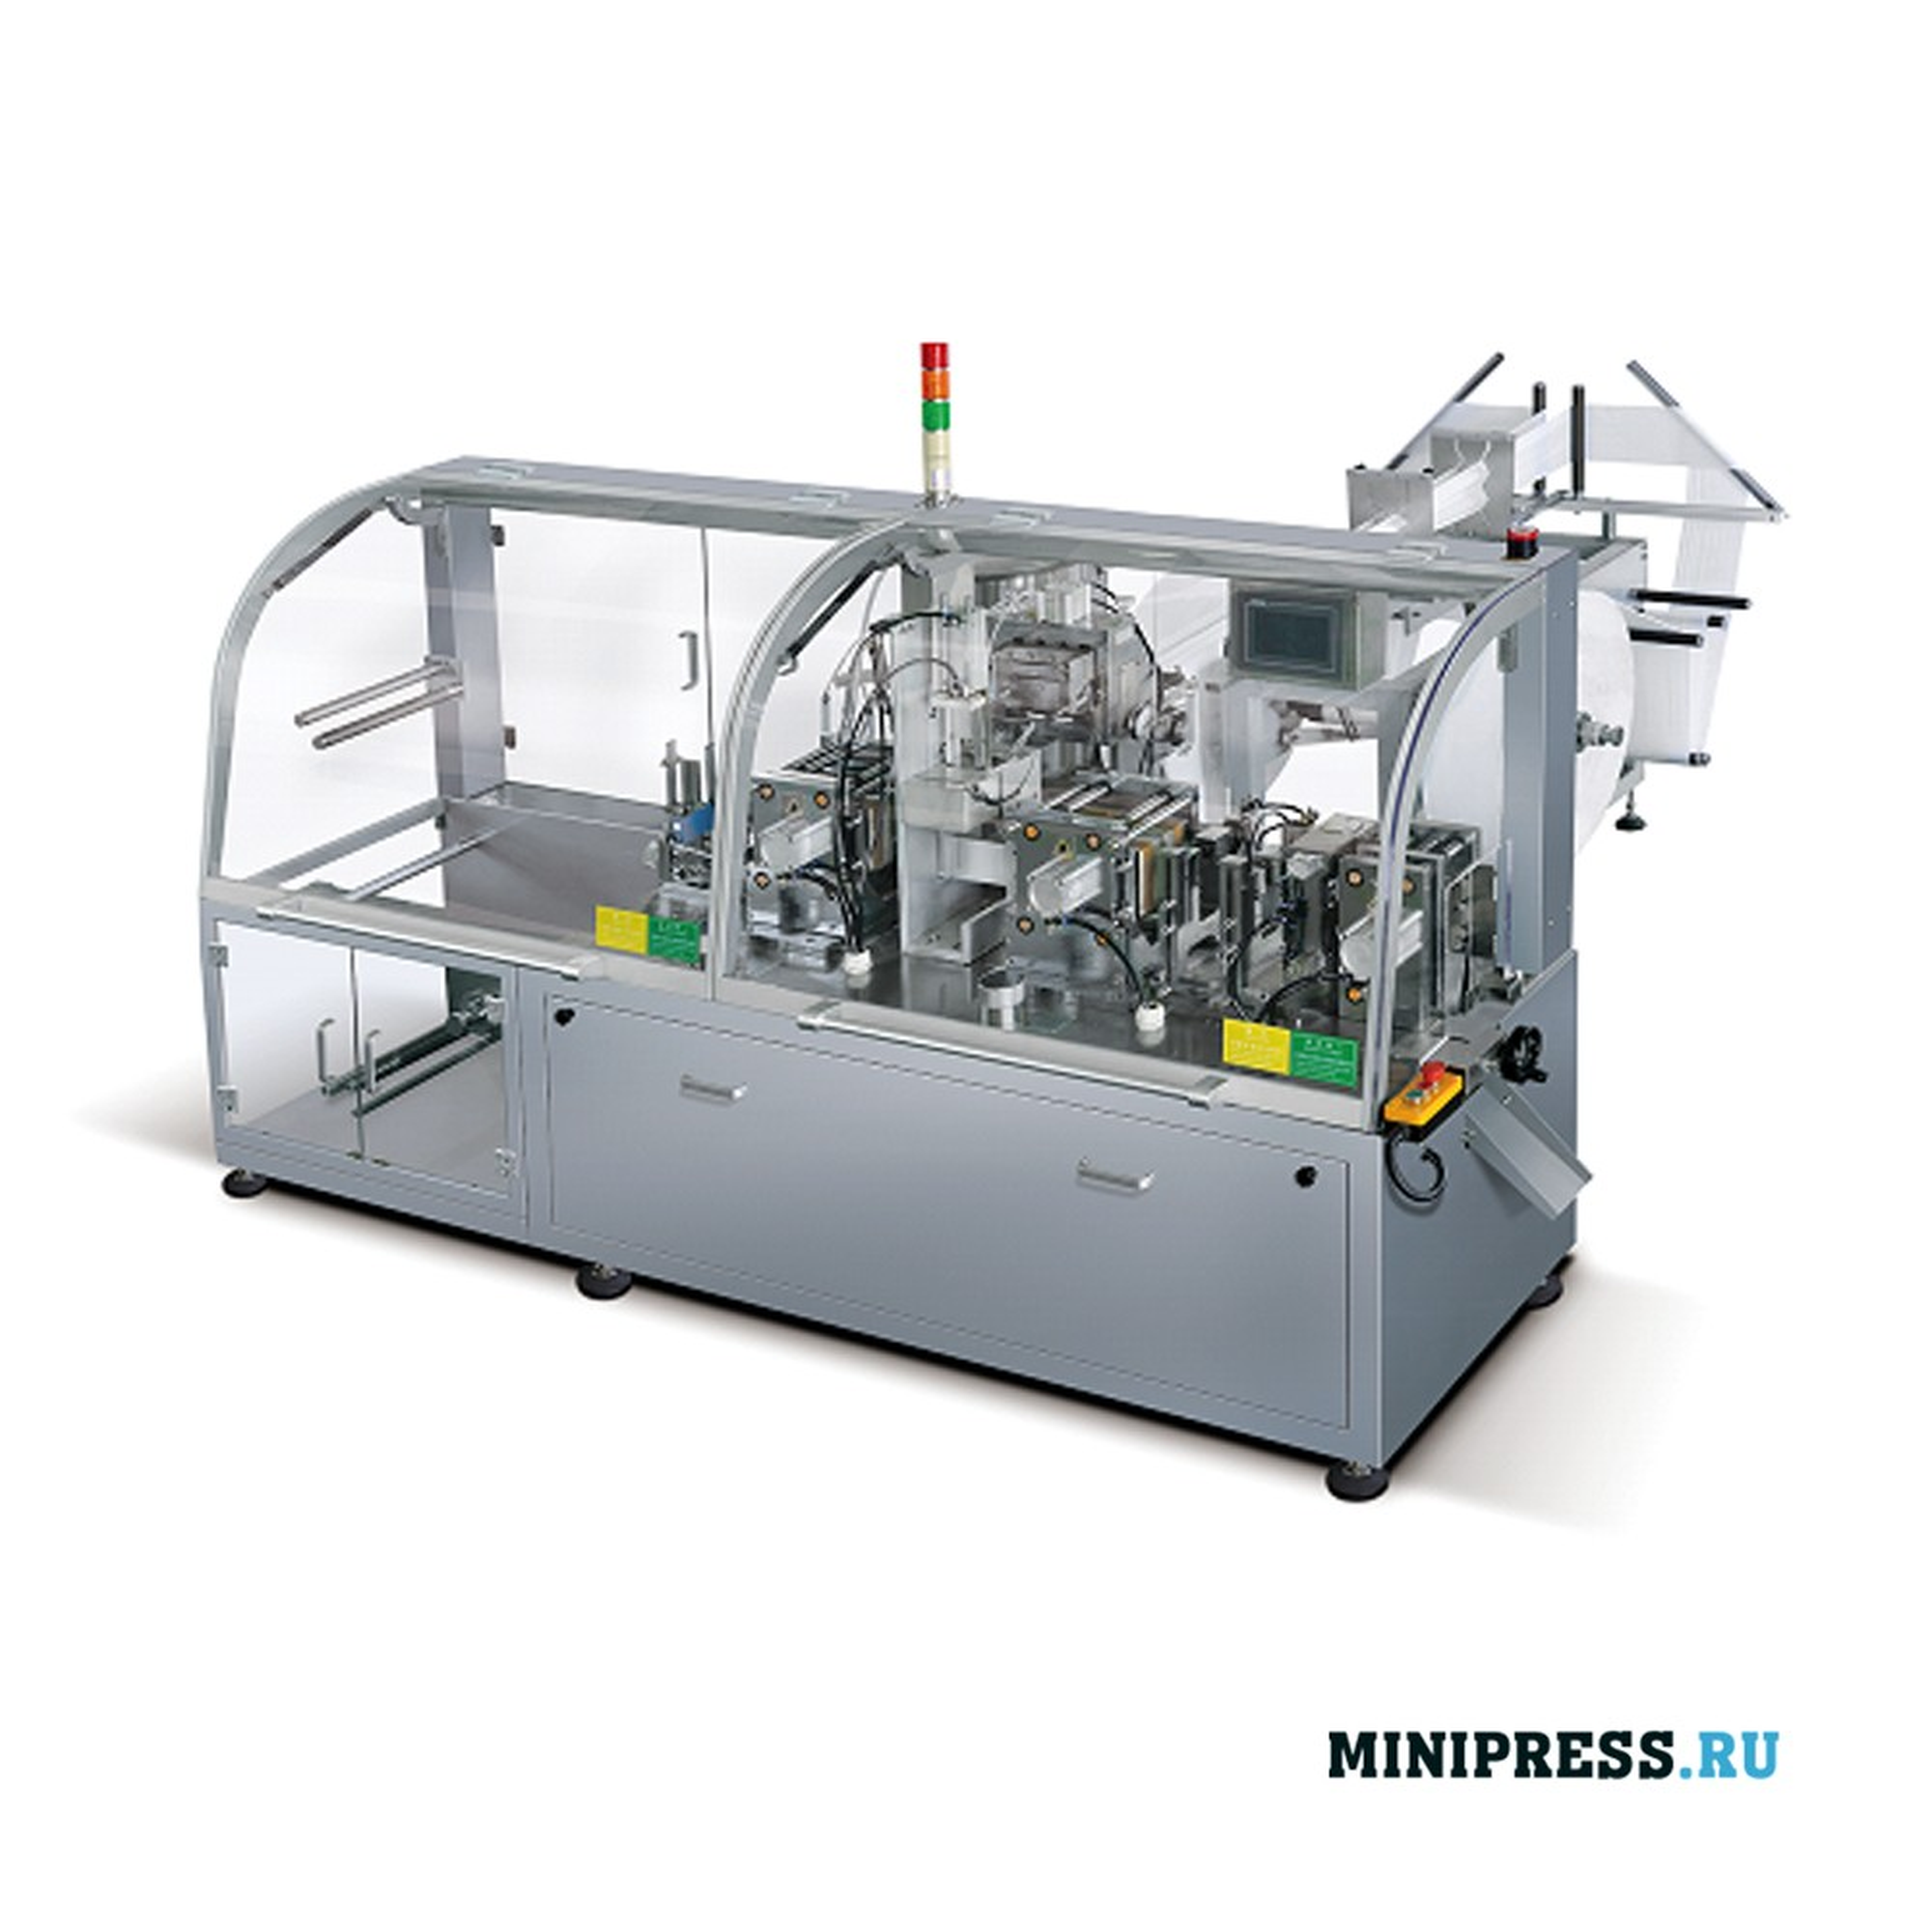 Оборудование для упаковки в пищевой, косметической, фармацевтической промышленности